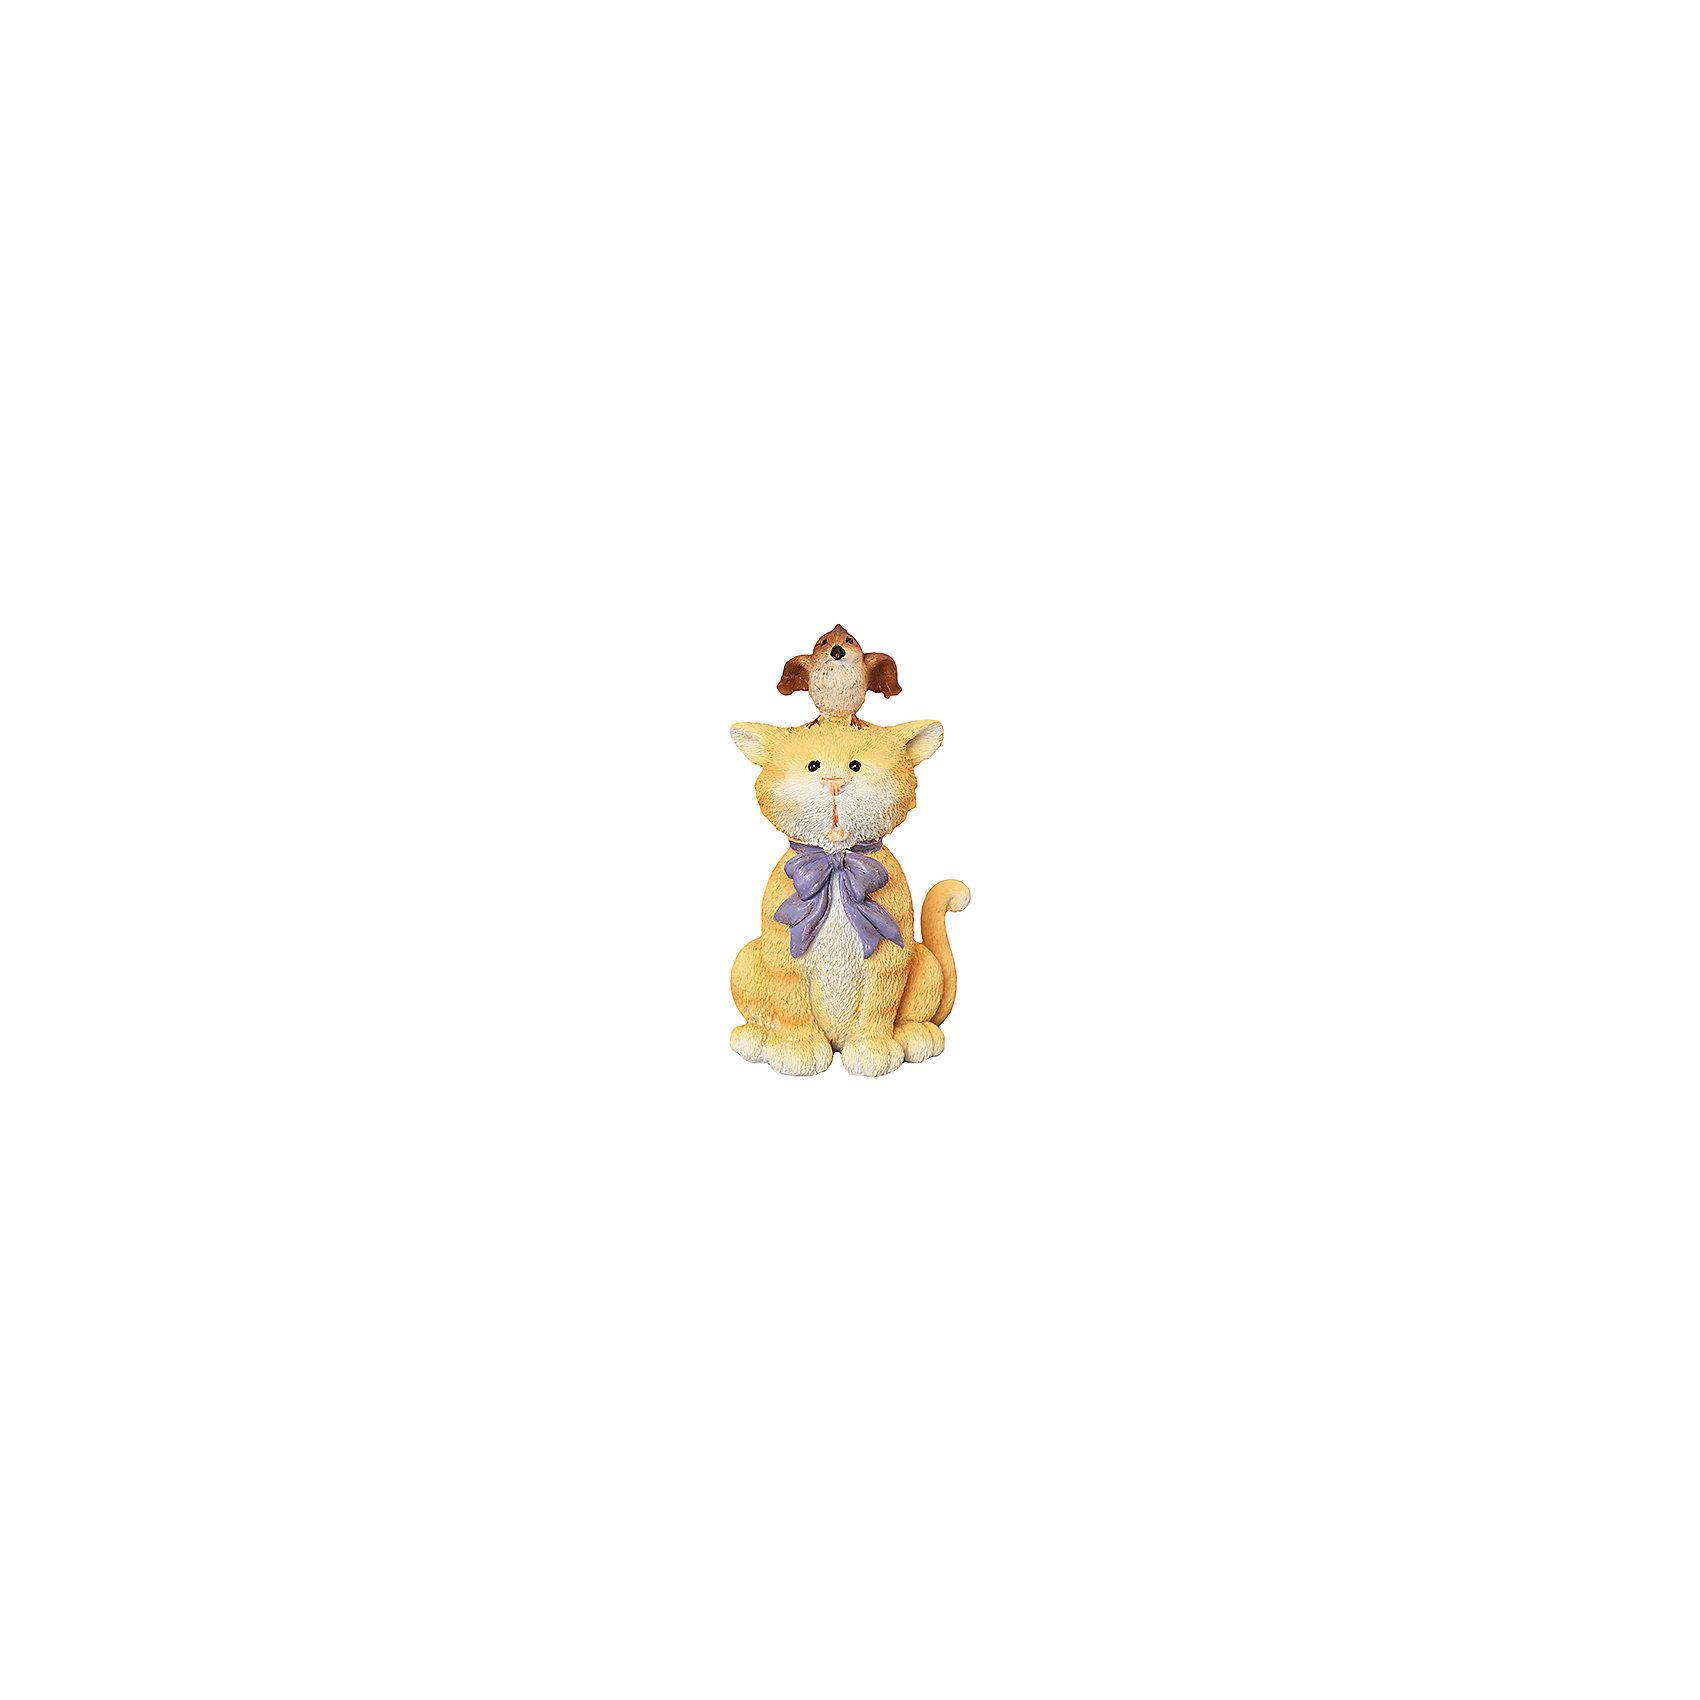 Фигурка декоративная Кот и птичка, Elan GalleryПредметы интерьера<br>Фигурка декоративная  Elan Gallery 7*6,5*12 см. Кот и птичка, Elan Gallery Декоративные фигурки - это отличный способ разнообразить внутреннее убранство вашего дома. Размер  7х6,5х12 см.<br><br>Ширина мм: 143<br>Глубина мм: 84<br>Высота мм: 94<br>Вес г: 208<br>Возраст от месяцев: 0<br>Возраст до месяцев: 1188<br>Пол: Унисекс<br>Возраст: Детский<br>SKU: 6669005